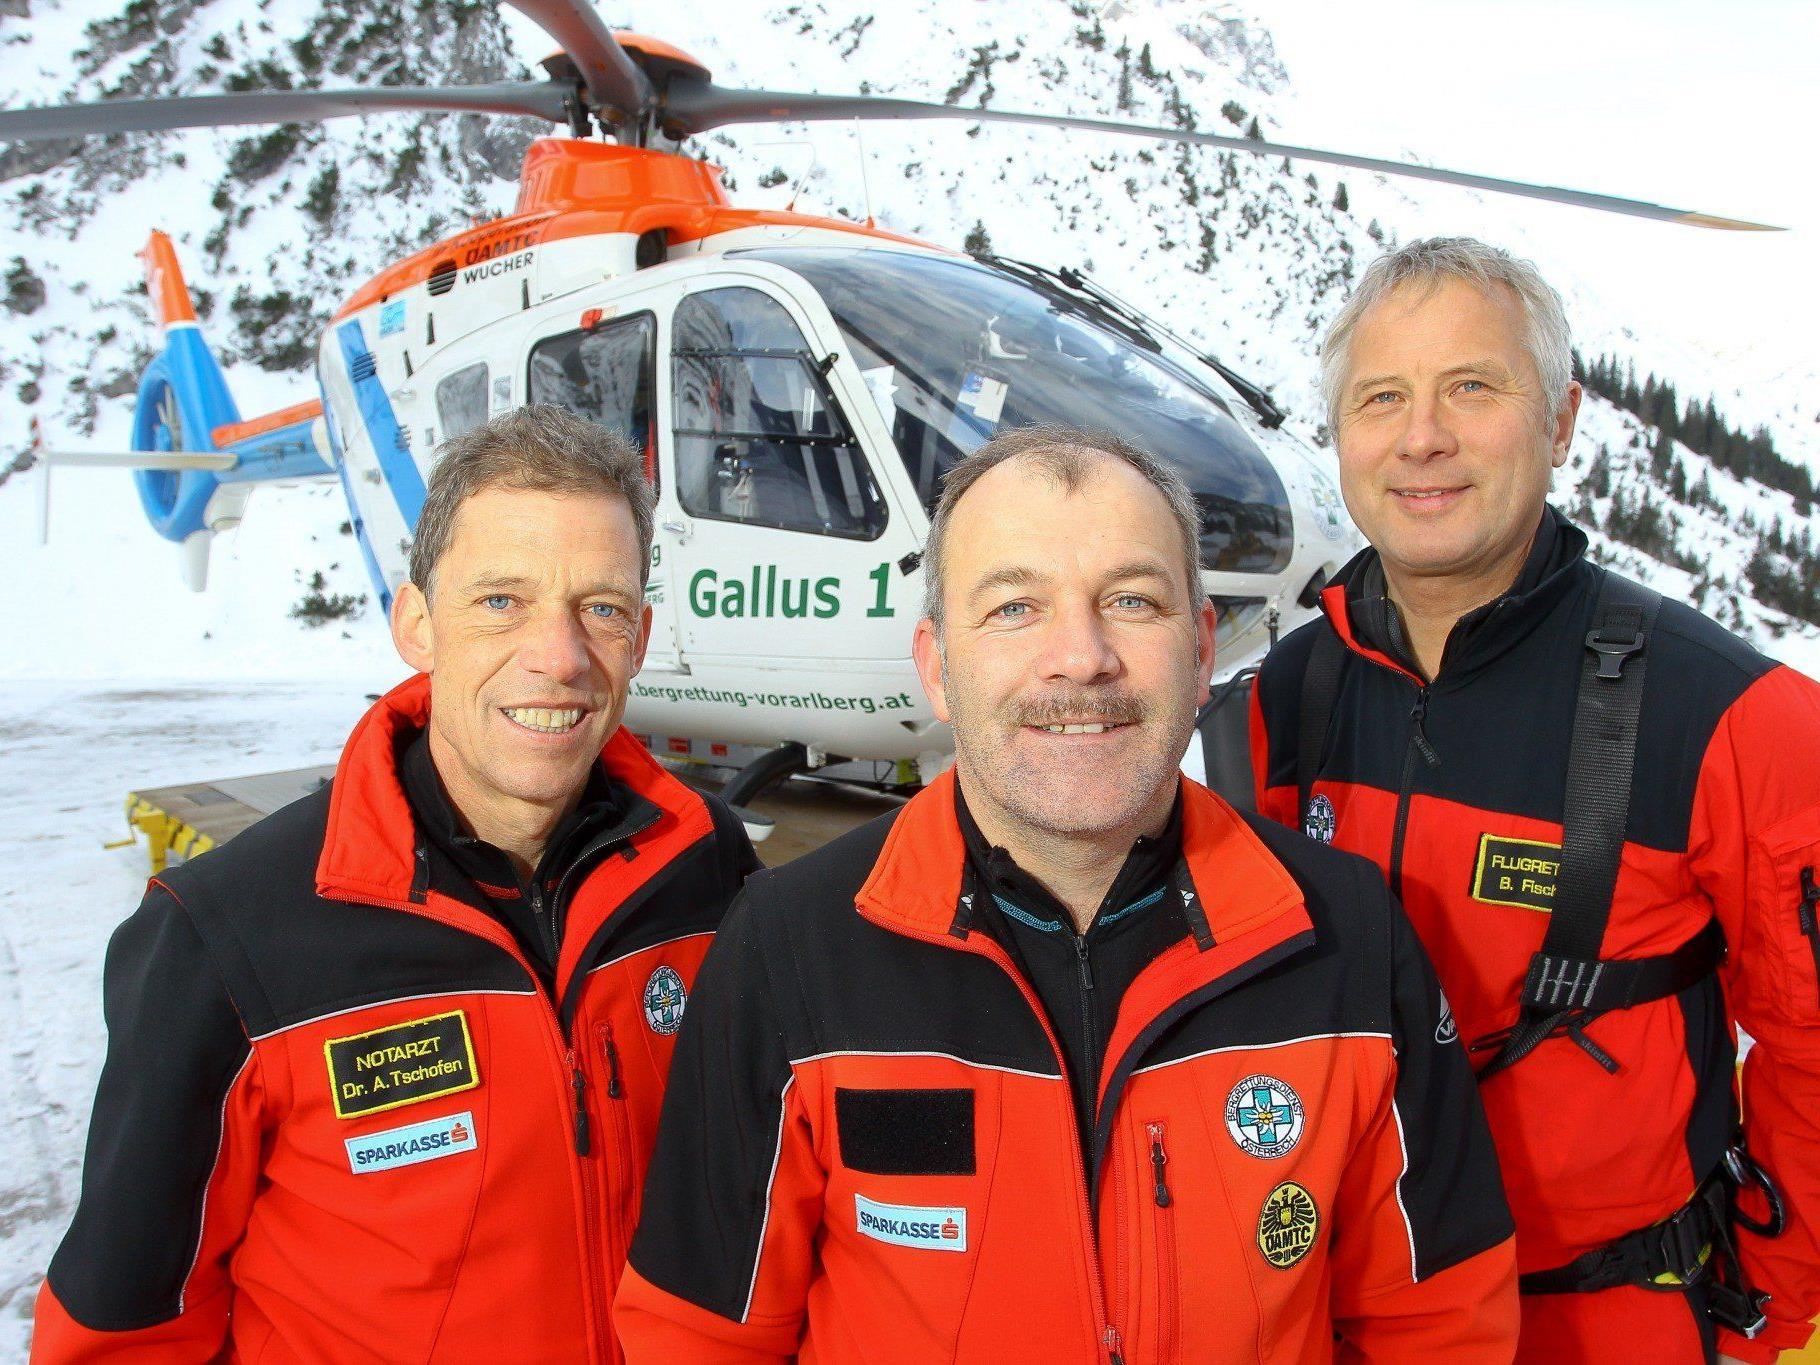 In 13 Minuten von Zürs in ganz Vorarlberg: die Heli-Crew mit Alois Tschofen, Stefan Ganahl und Bernd Fischer (v.l.).